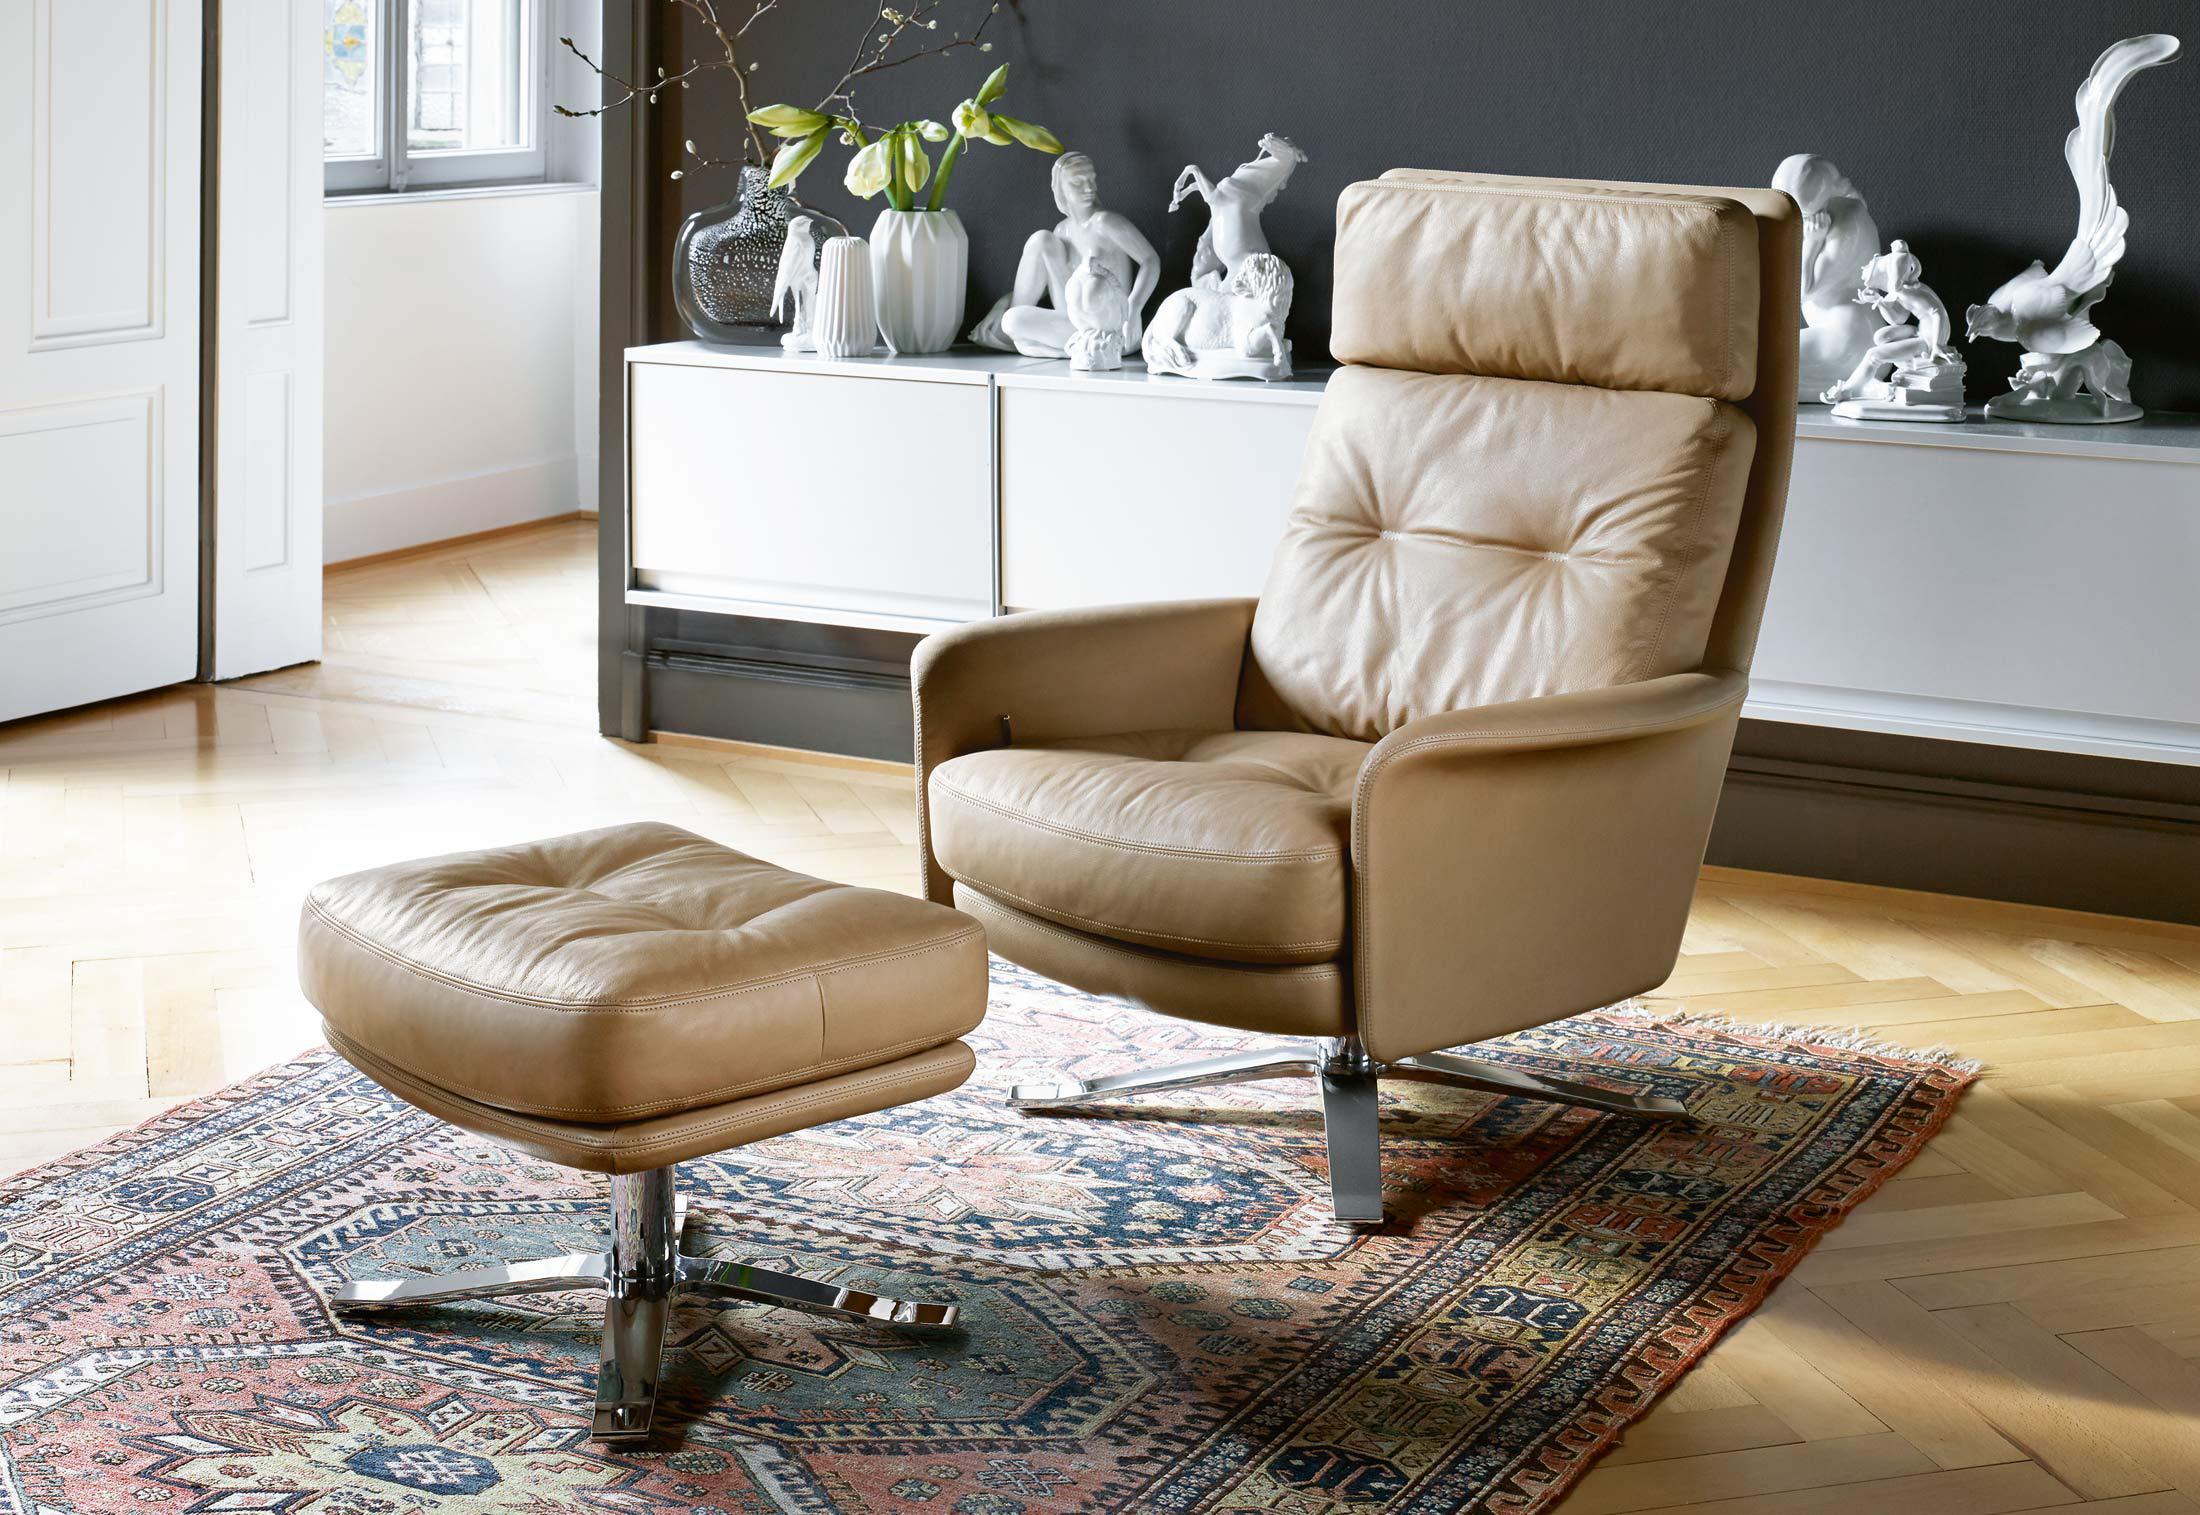 schweizer designgeschichte intertime wogg und mox. Black Bedroom Furniture Sets. Home Design Ideas